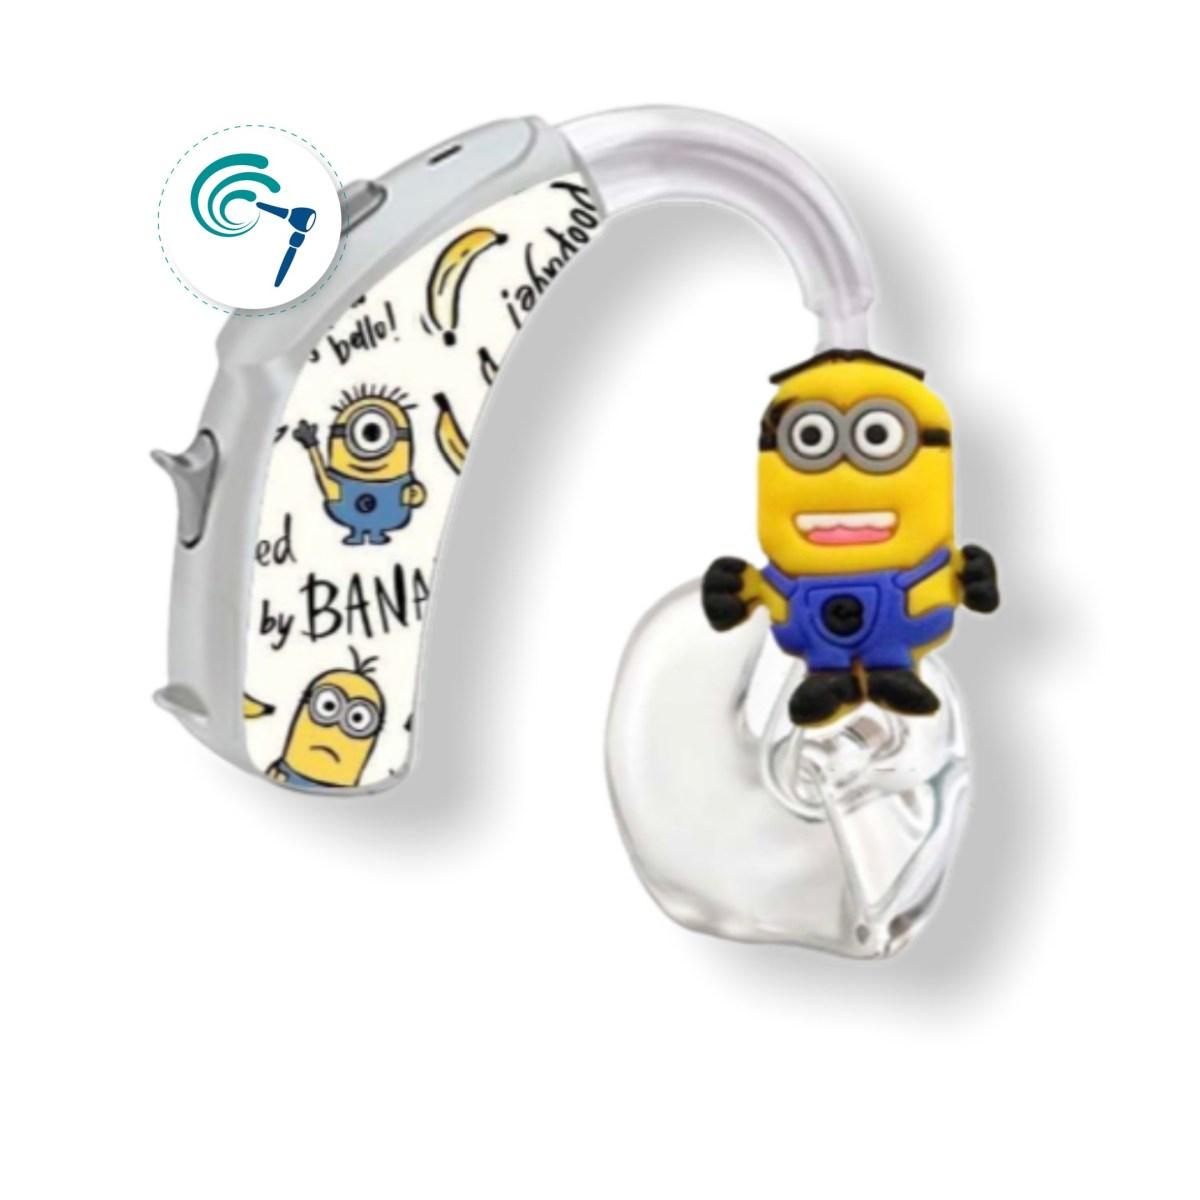 sticker y pin para audifono